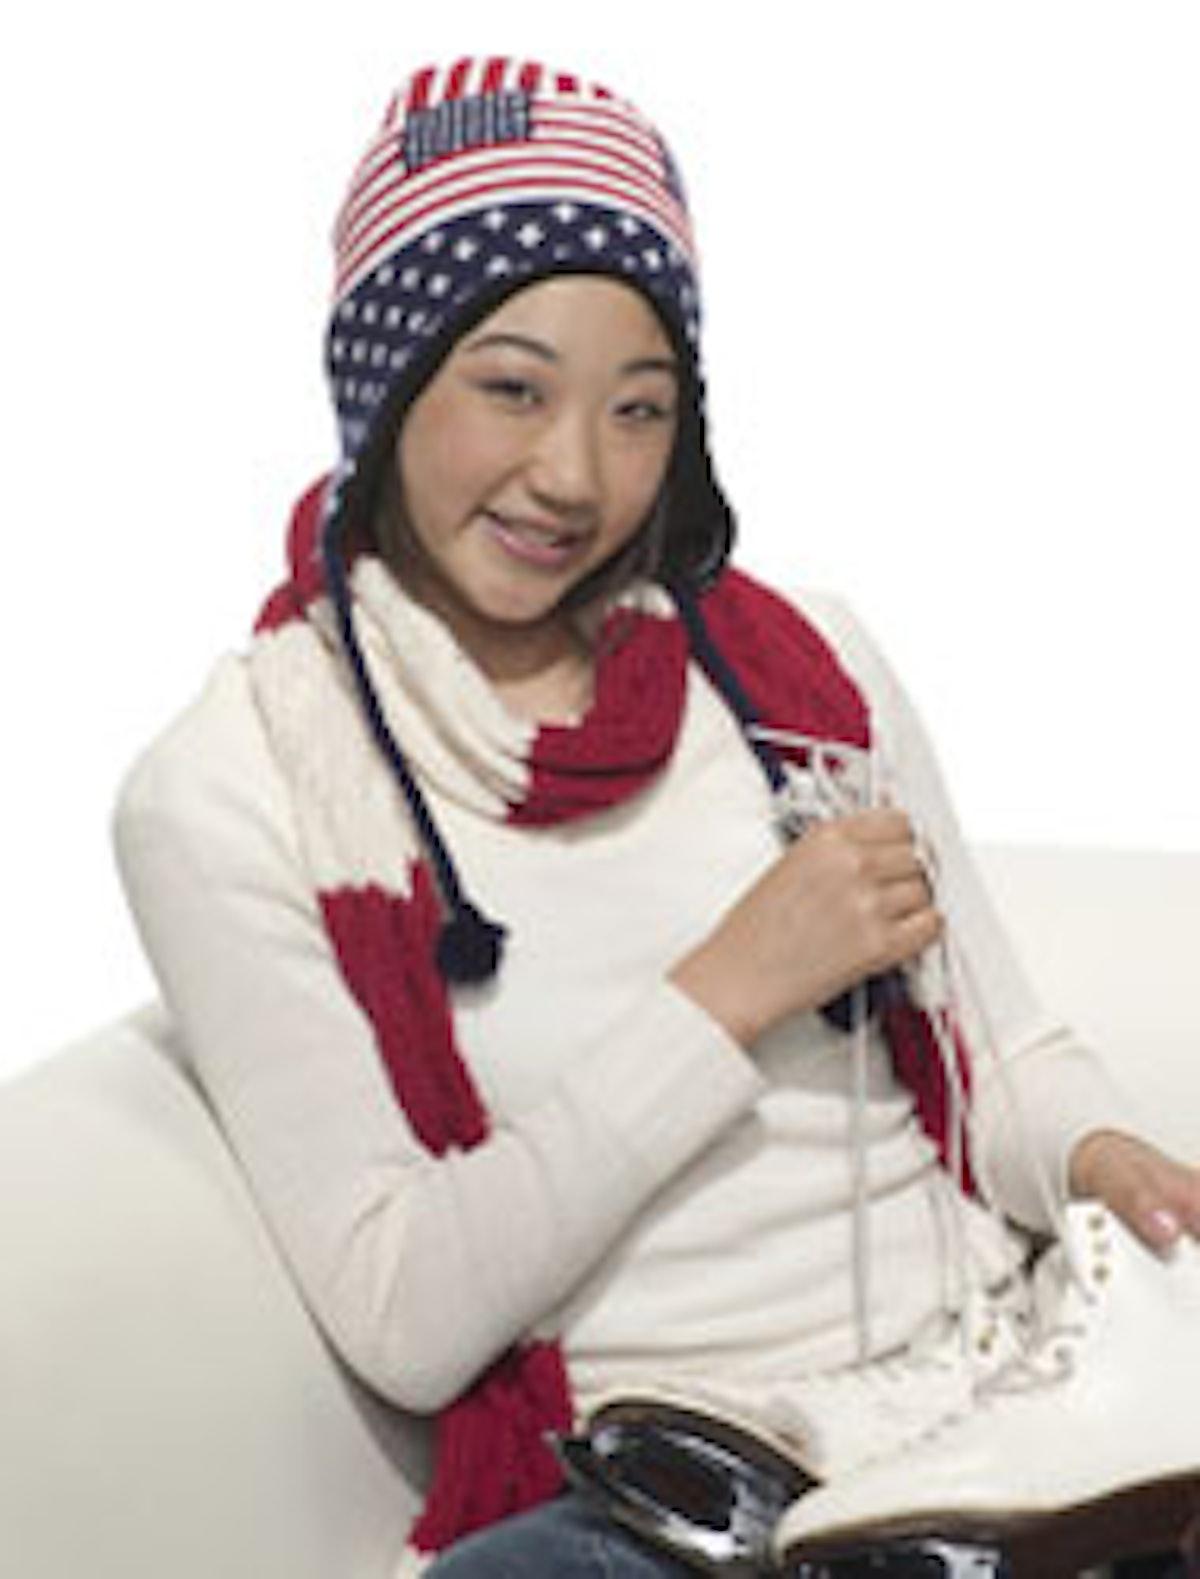 blog_nagasu_01-thumb-190x250-12947.jpg